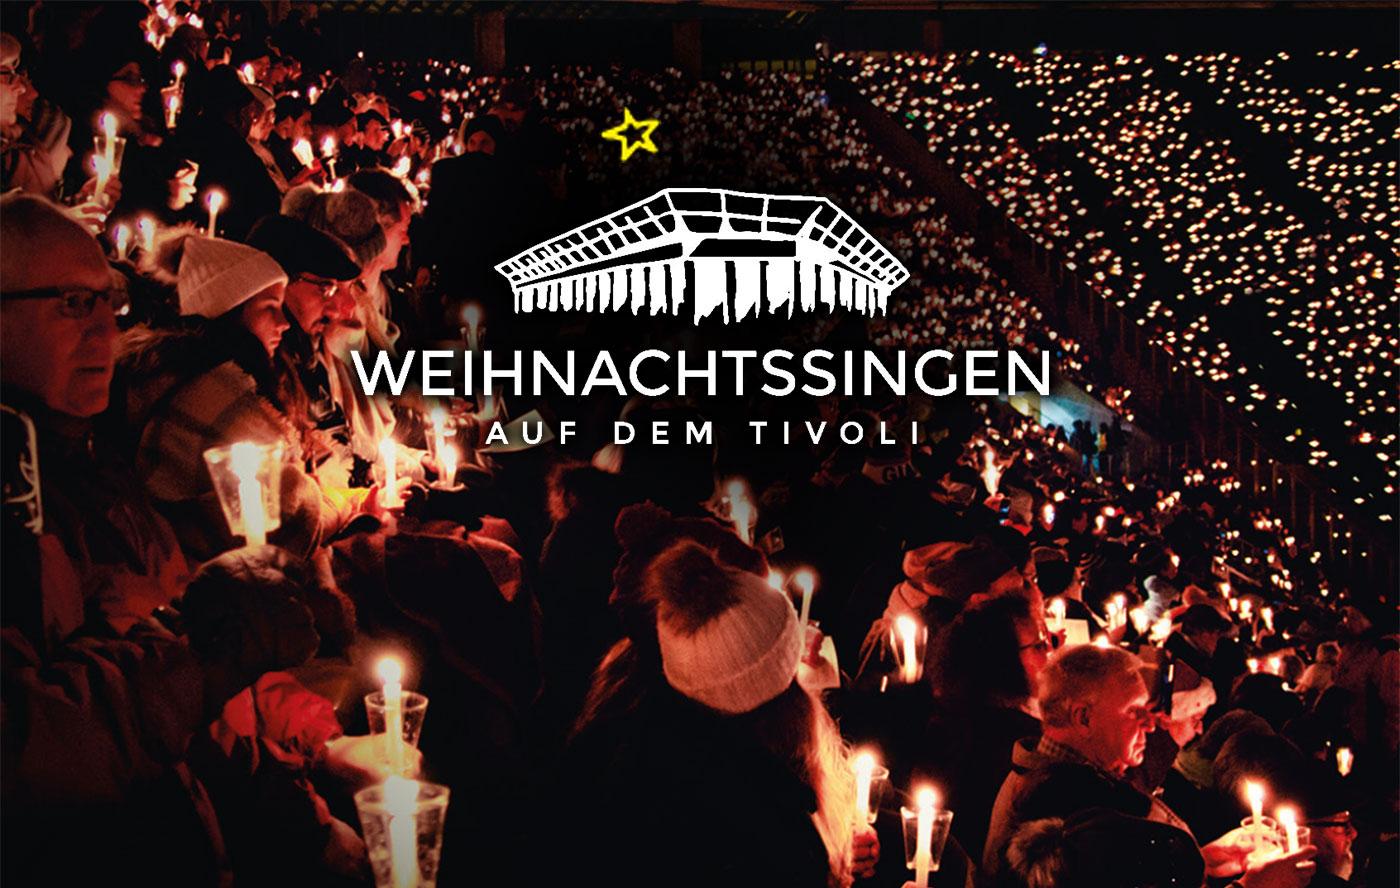 Weihnachtssingen 2019 in Aachen